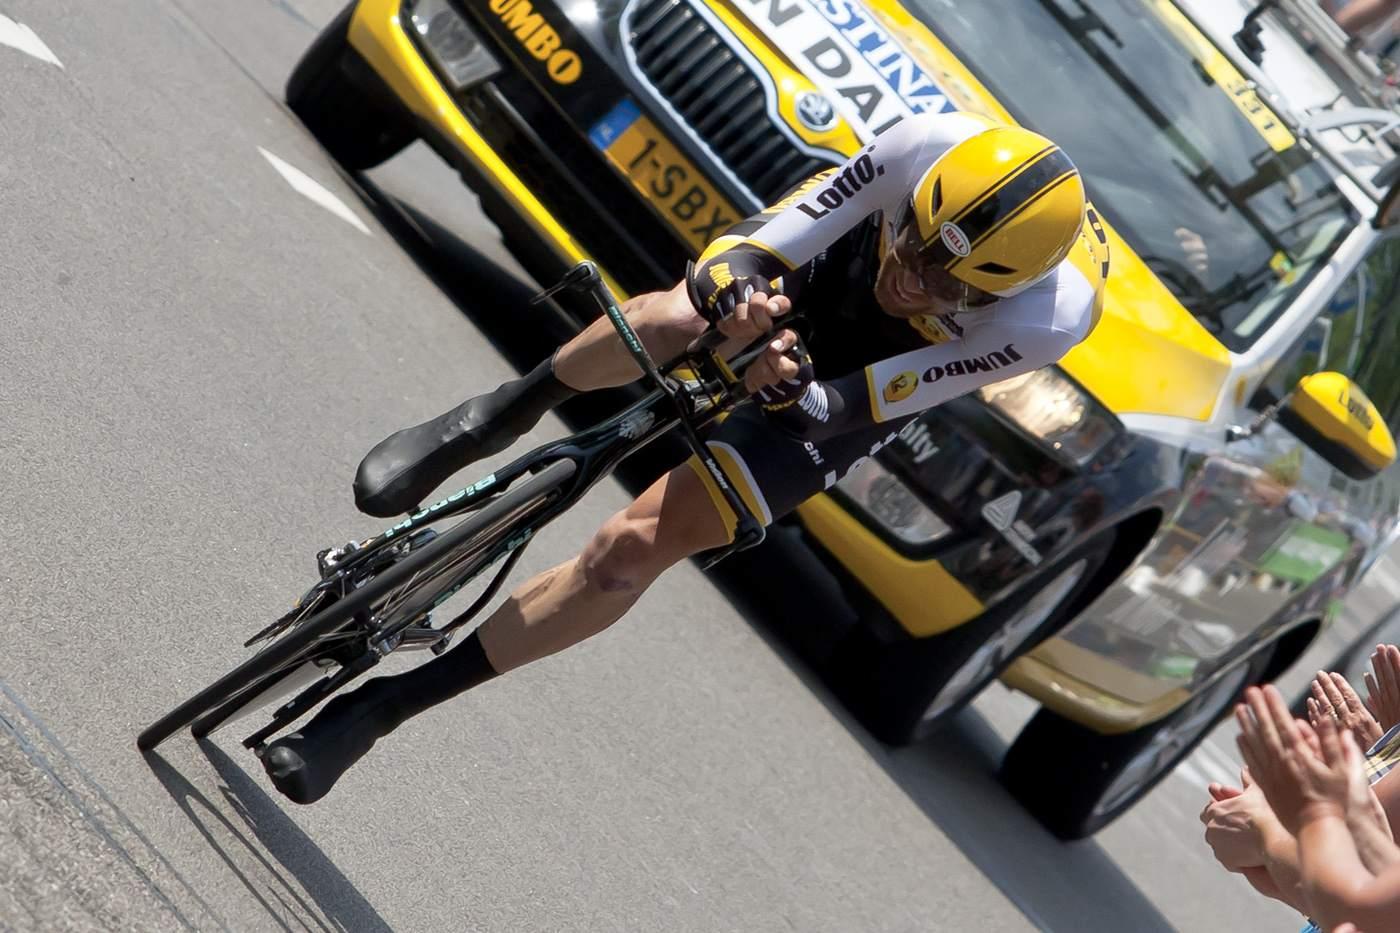 tour france 2015 pictures11 Tour de France 2015 in Pictures